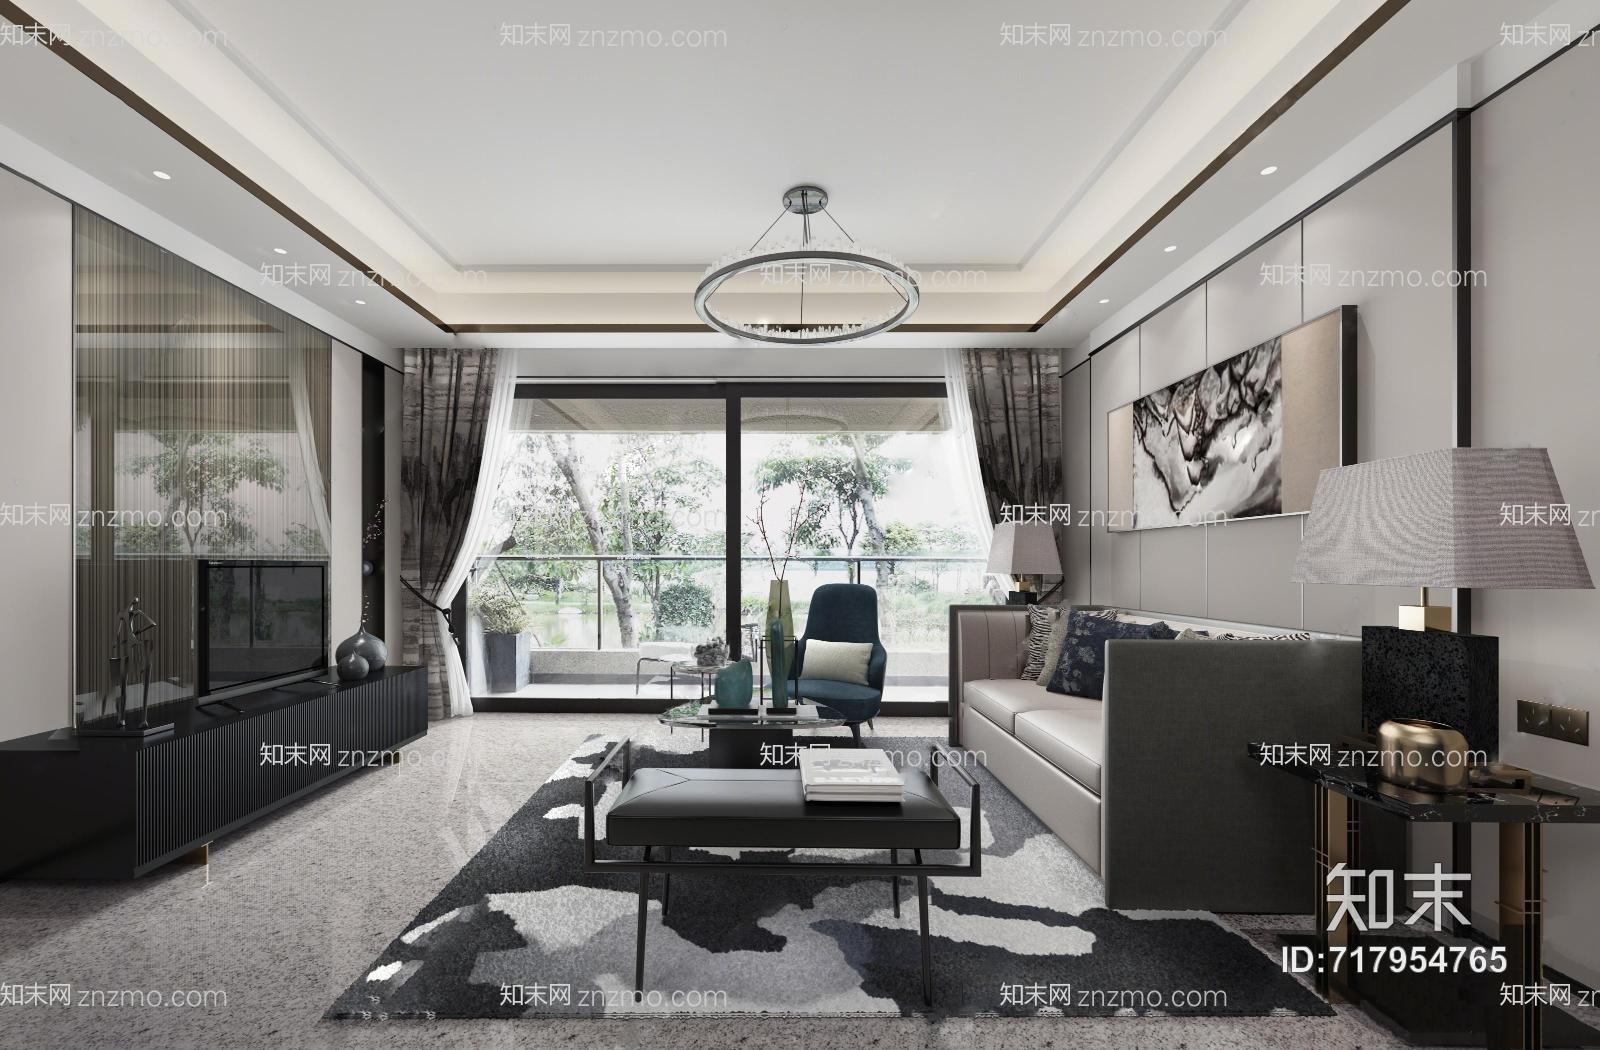 大集空间设计新中式客厅 吊灯 台灯 多人沙发 茶几 单人椅子 电视柜 摆件 地毯 挂画 沙发凳